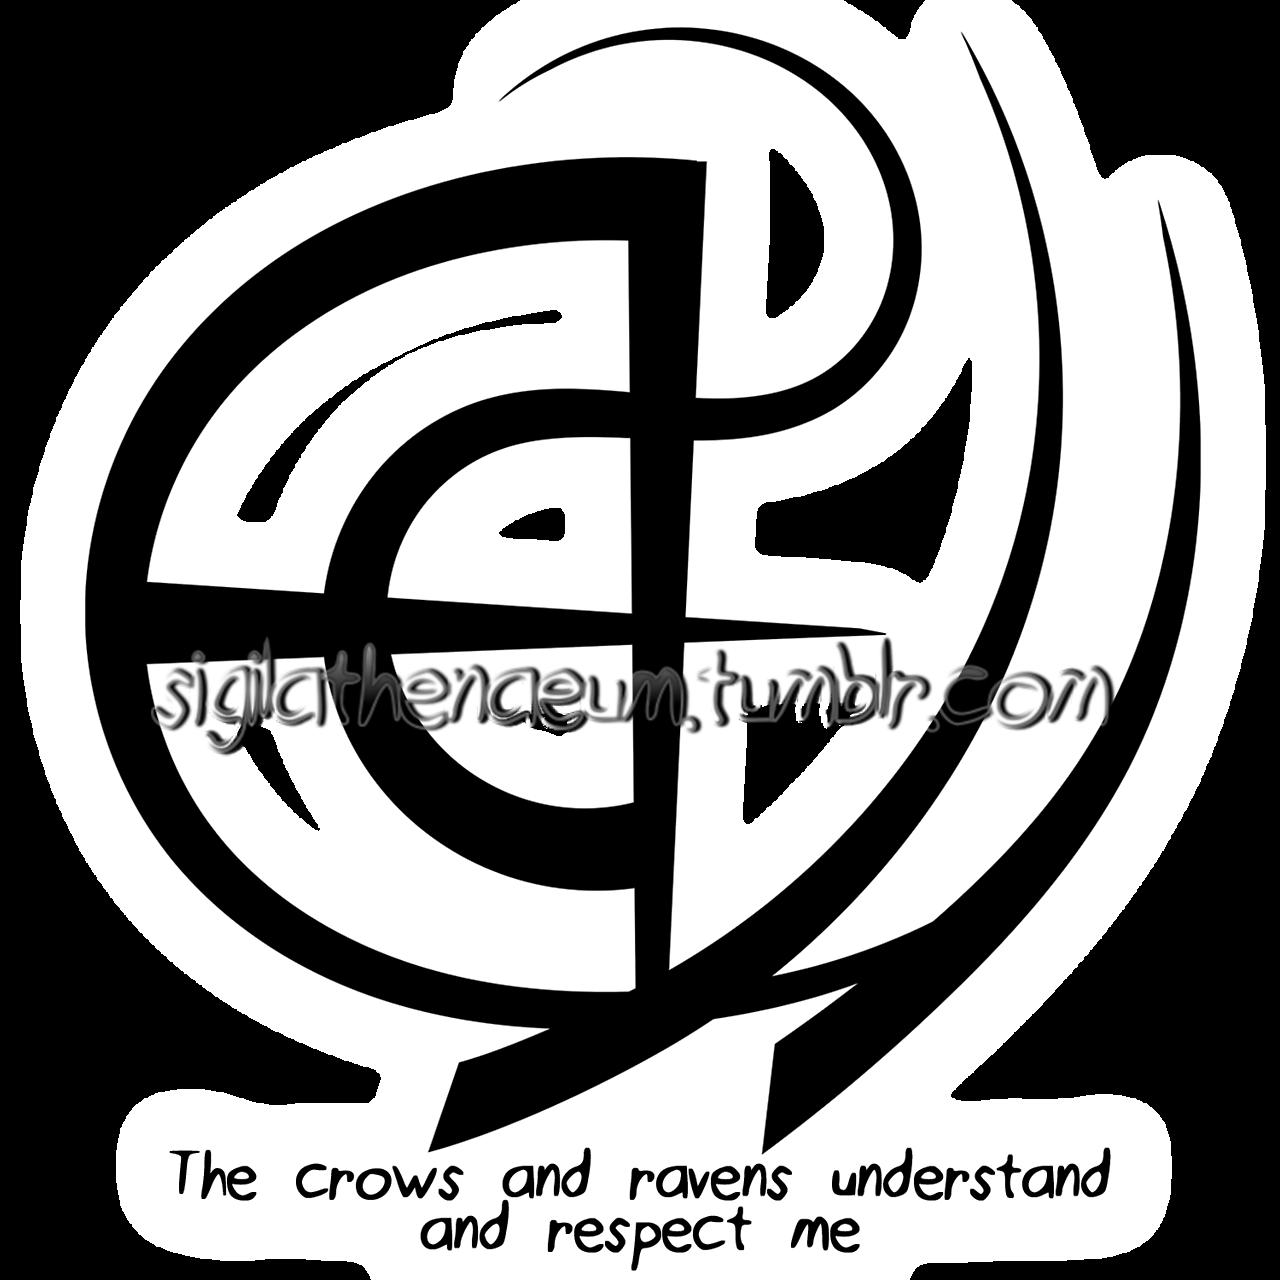 Sigil athenaeum photo art. Trust clipart respect symbol